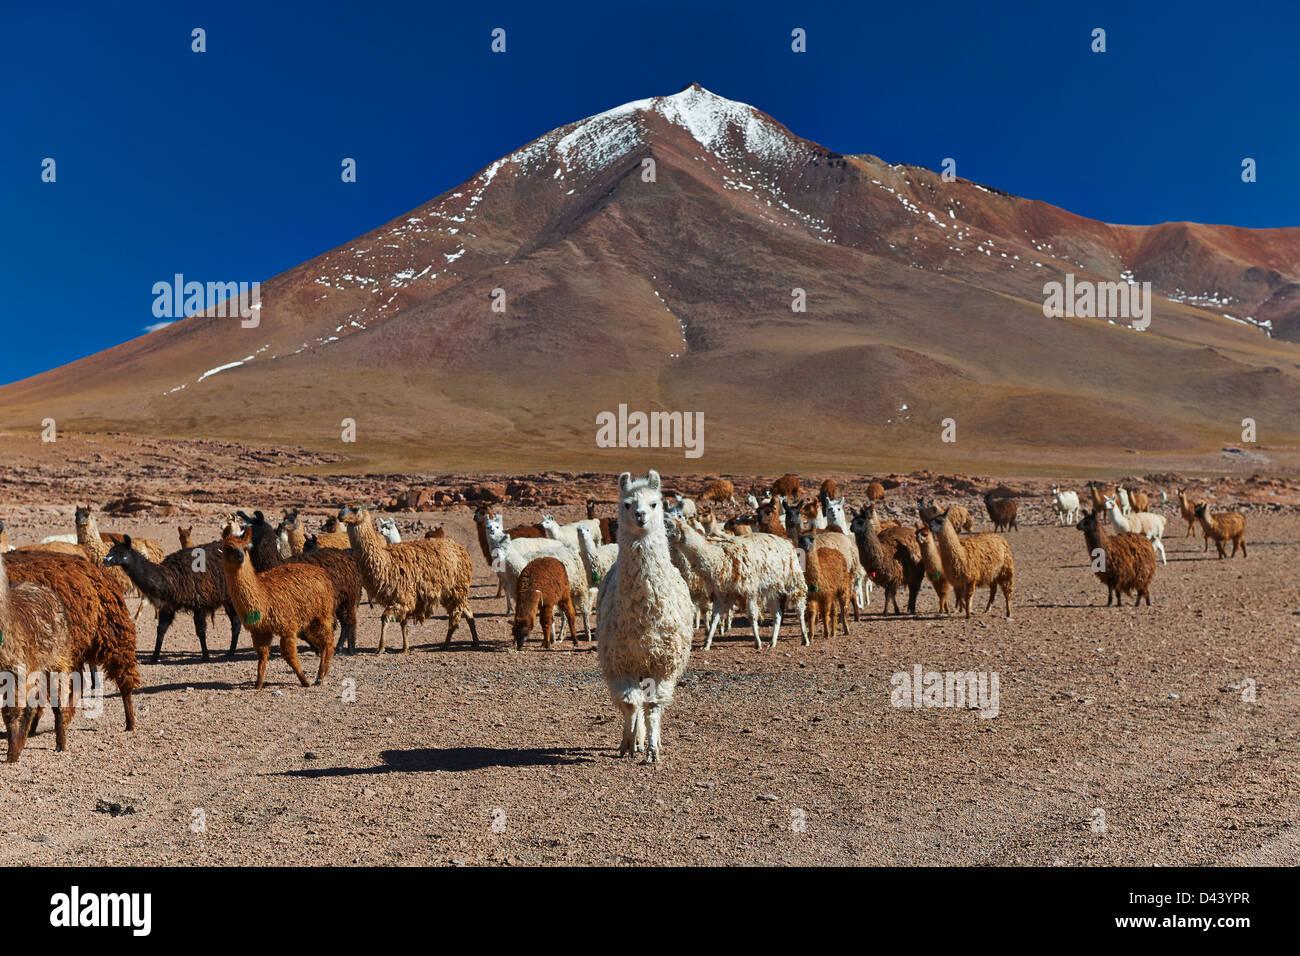 Llama (Lama glama) on Altiplano, Bolivia, South America - Stock Image